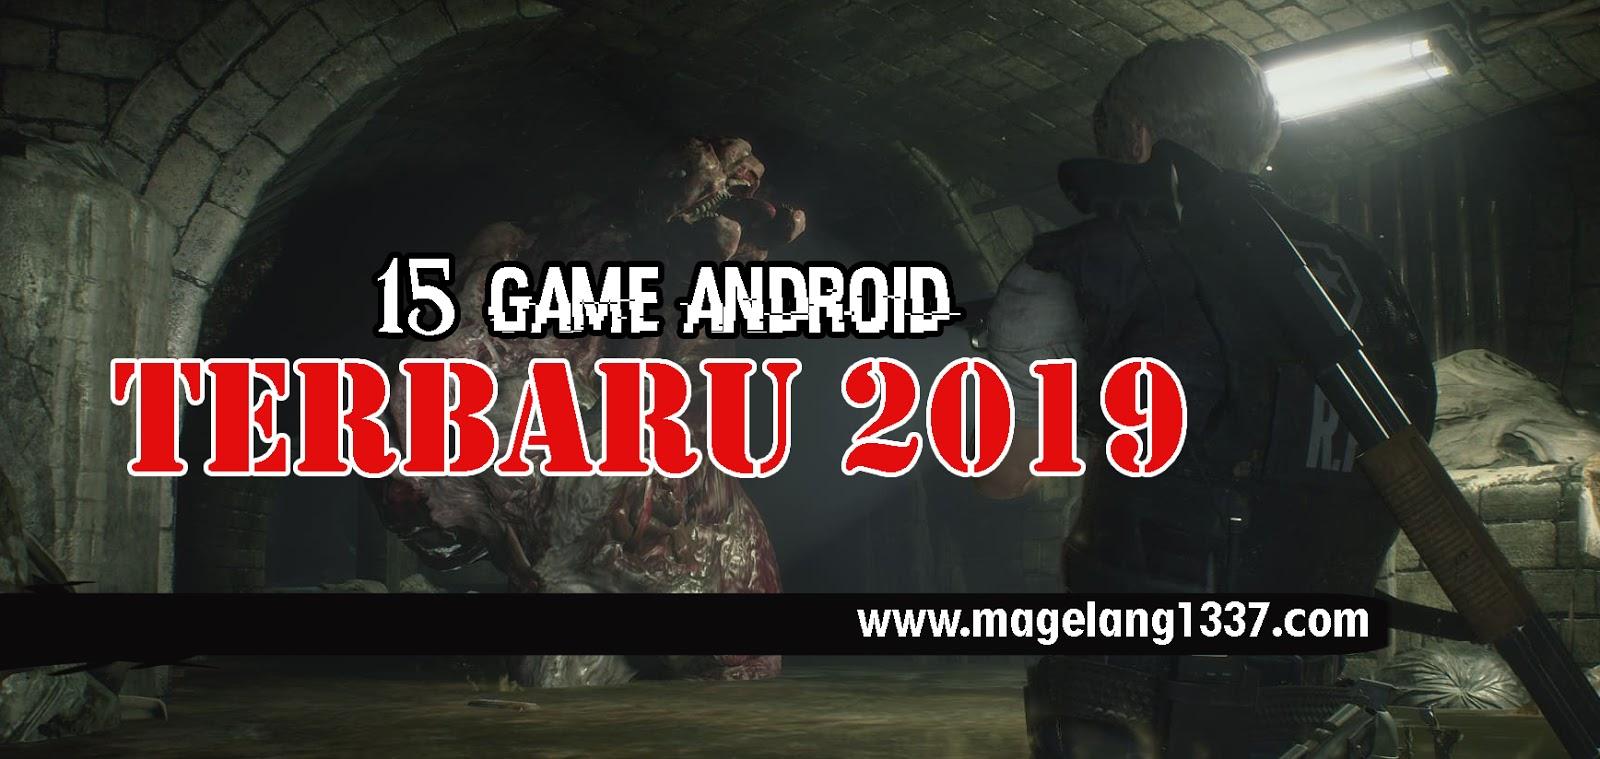 15-game-android-terbaru-2019